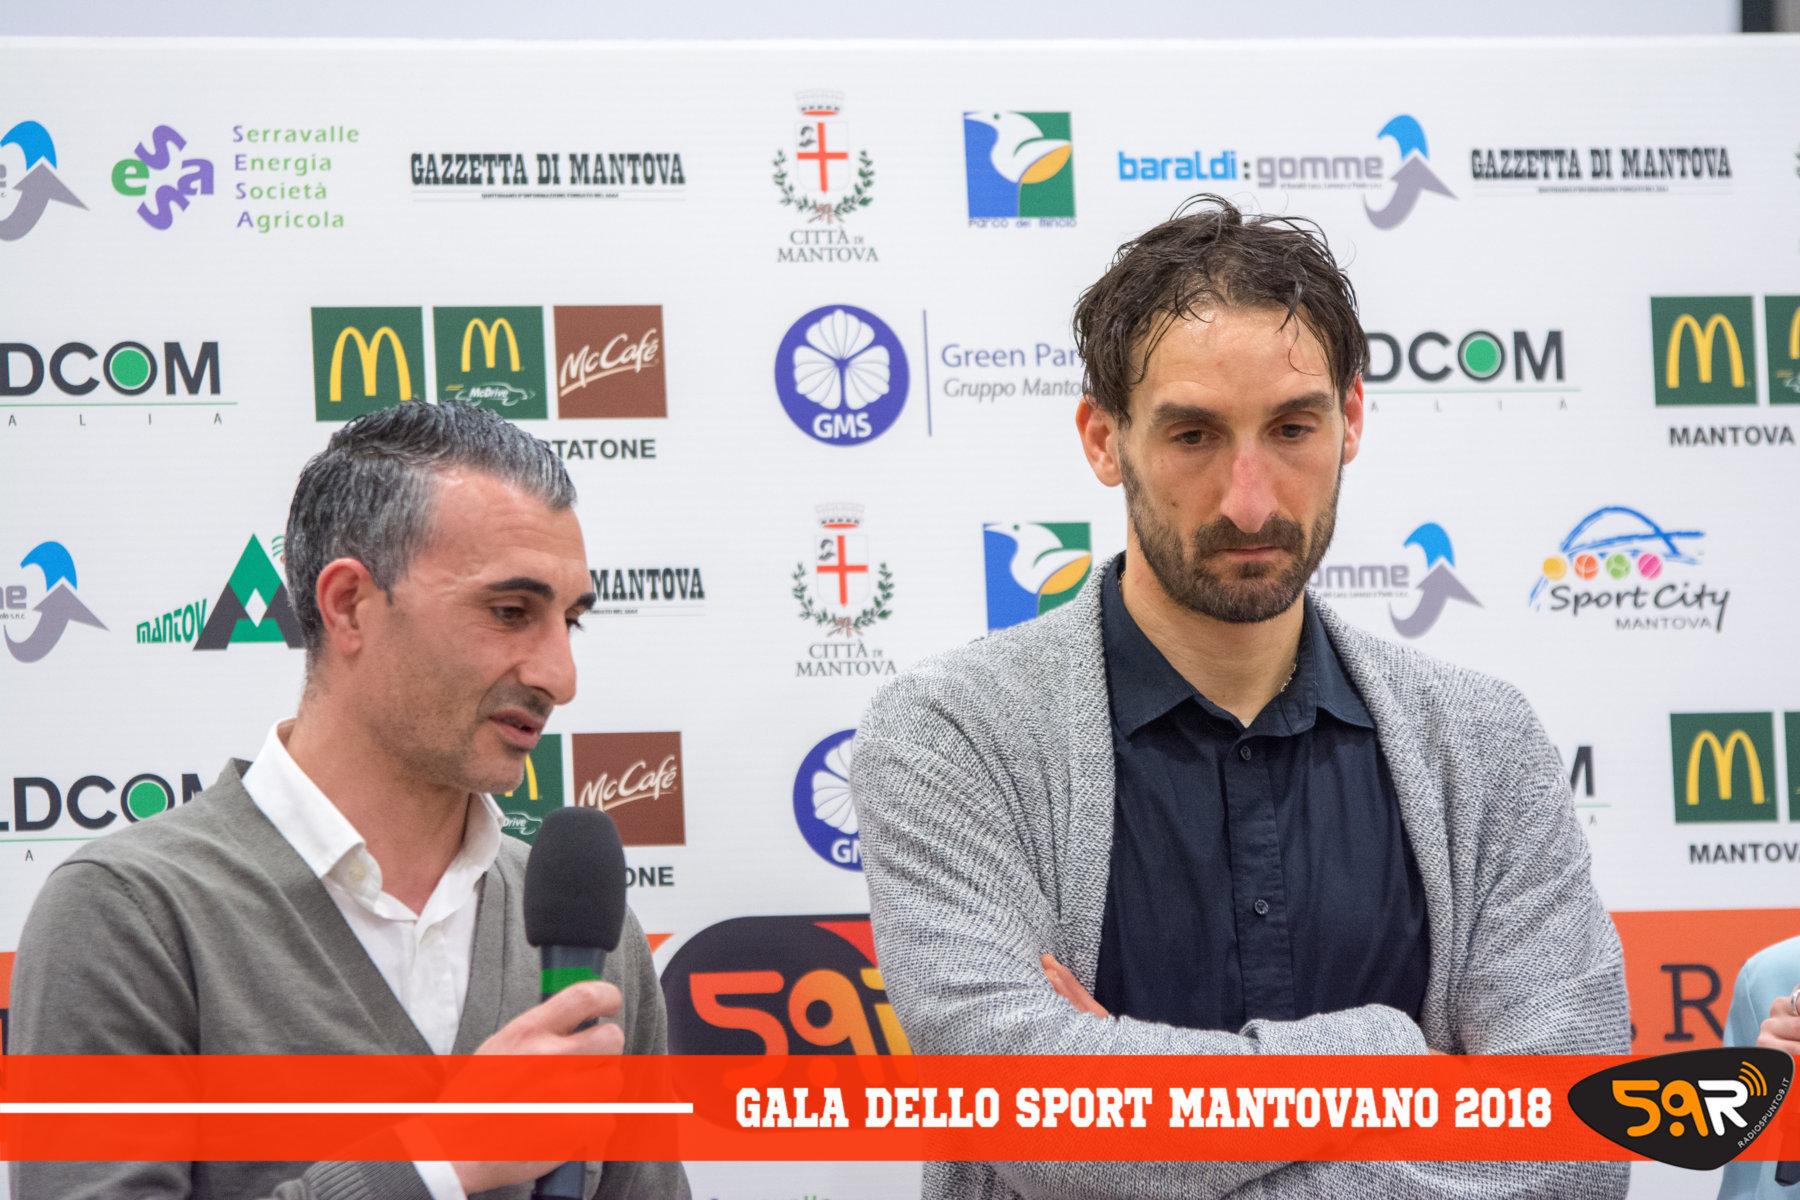 Gala dello Sport Mantovano 2018 Web Radio 5 (122)